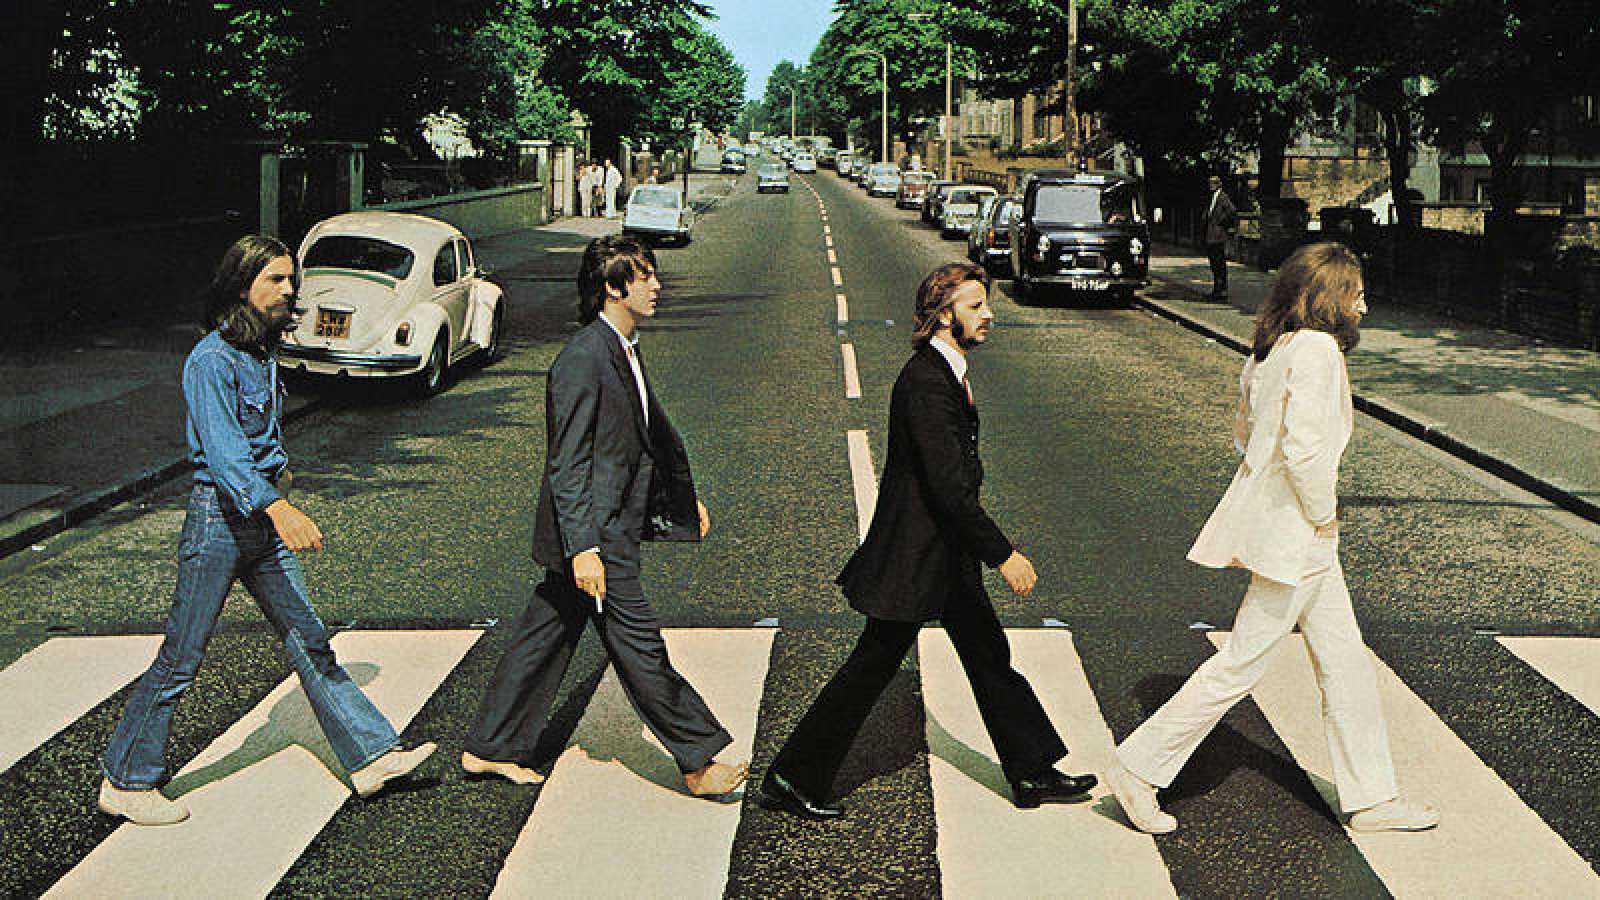 George Harrison, Paul McCartney, Ringo Starr y John Lennon cruzan el paso de cebra de Abbey Road el 8 de agosto de 1969.